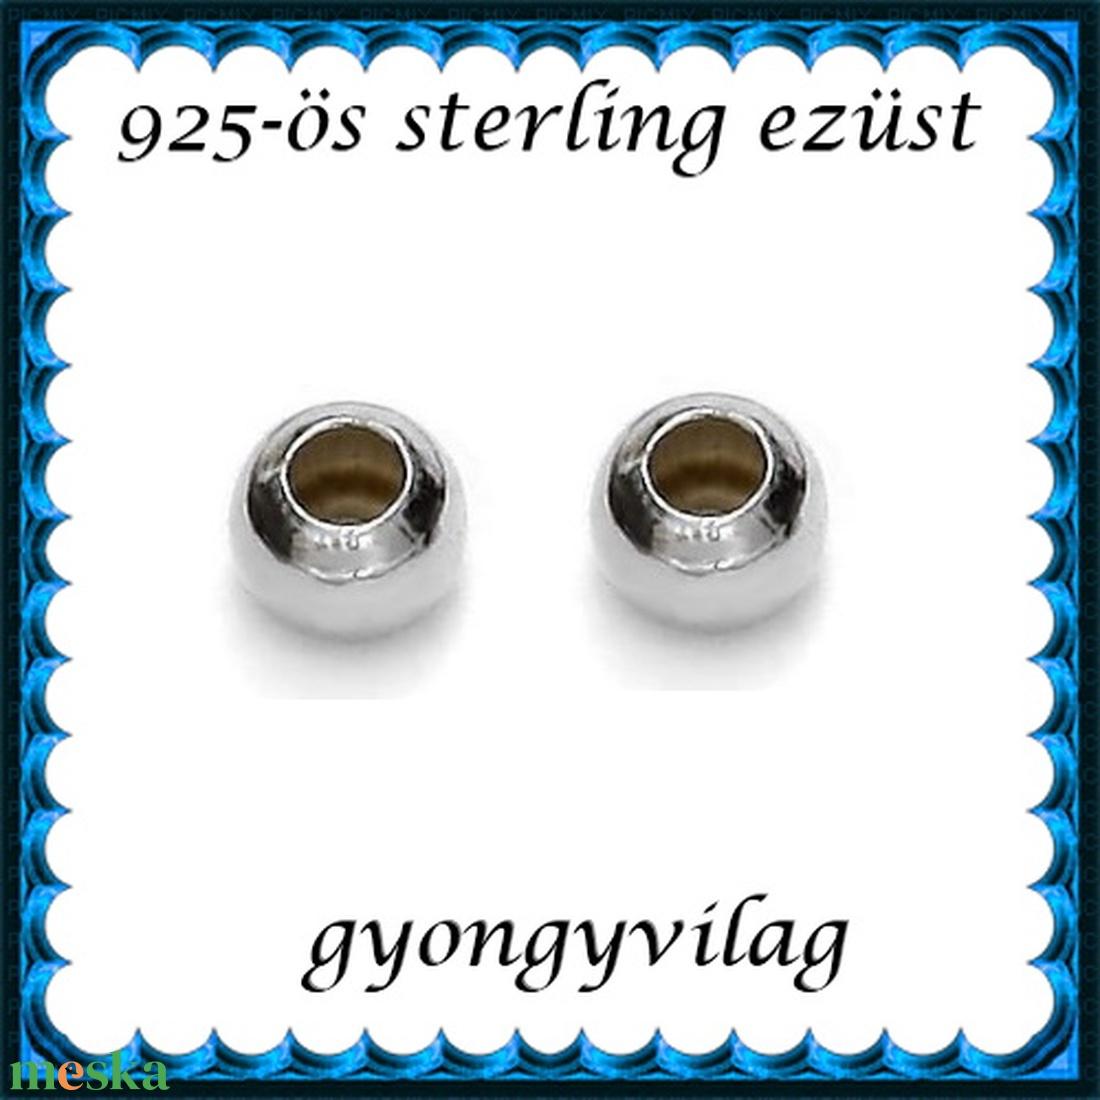 EKÖ 10-4   925-ös 4mm-es   ezüst köztes / gyöngy / díszitőelem  4db /csomag - gyöngy, ékszerkellék - fém köztesek - Meska.hu